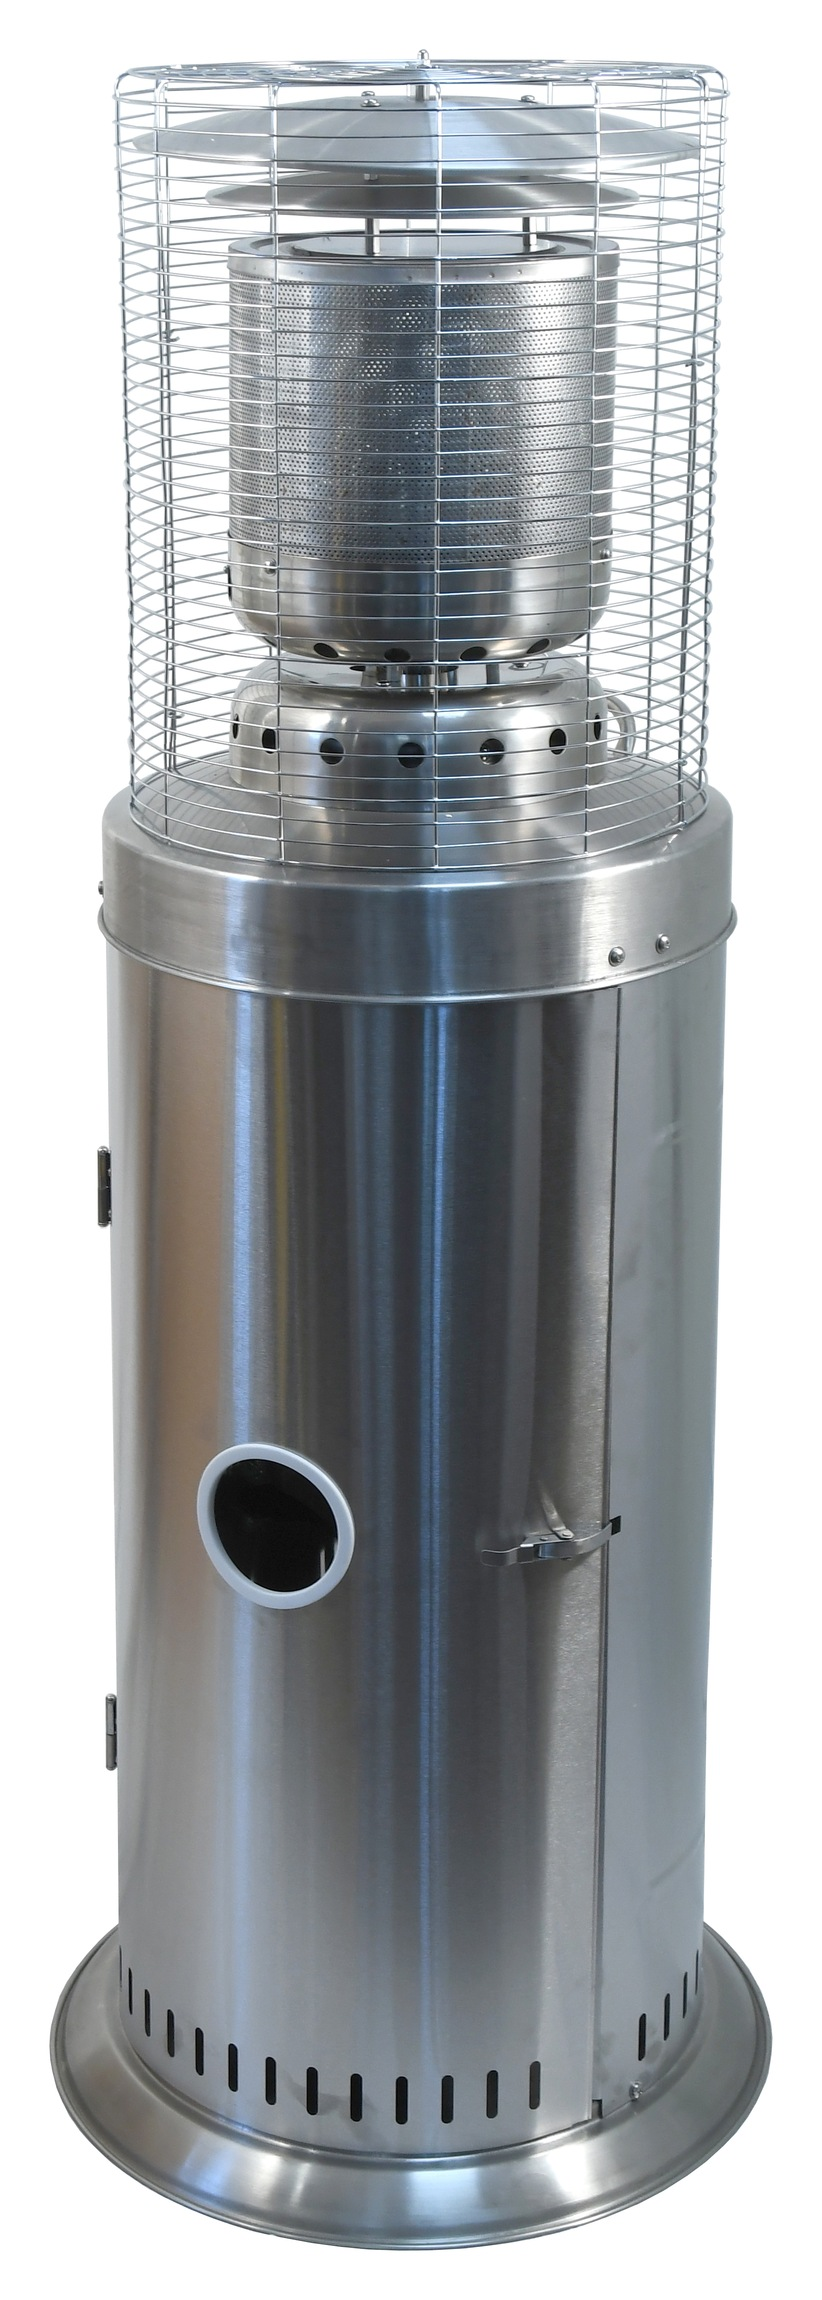 CATTARA SILVERINO Plynový zářič 11kW 142cm s regulátorem